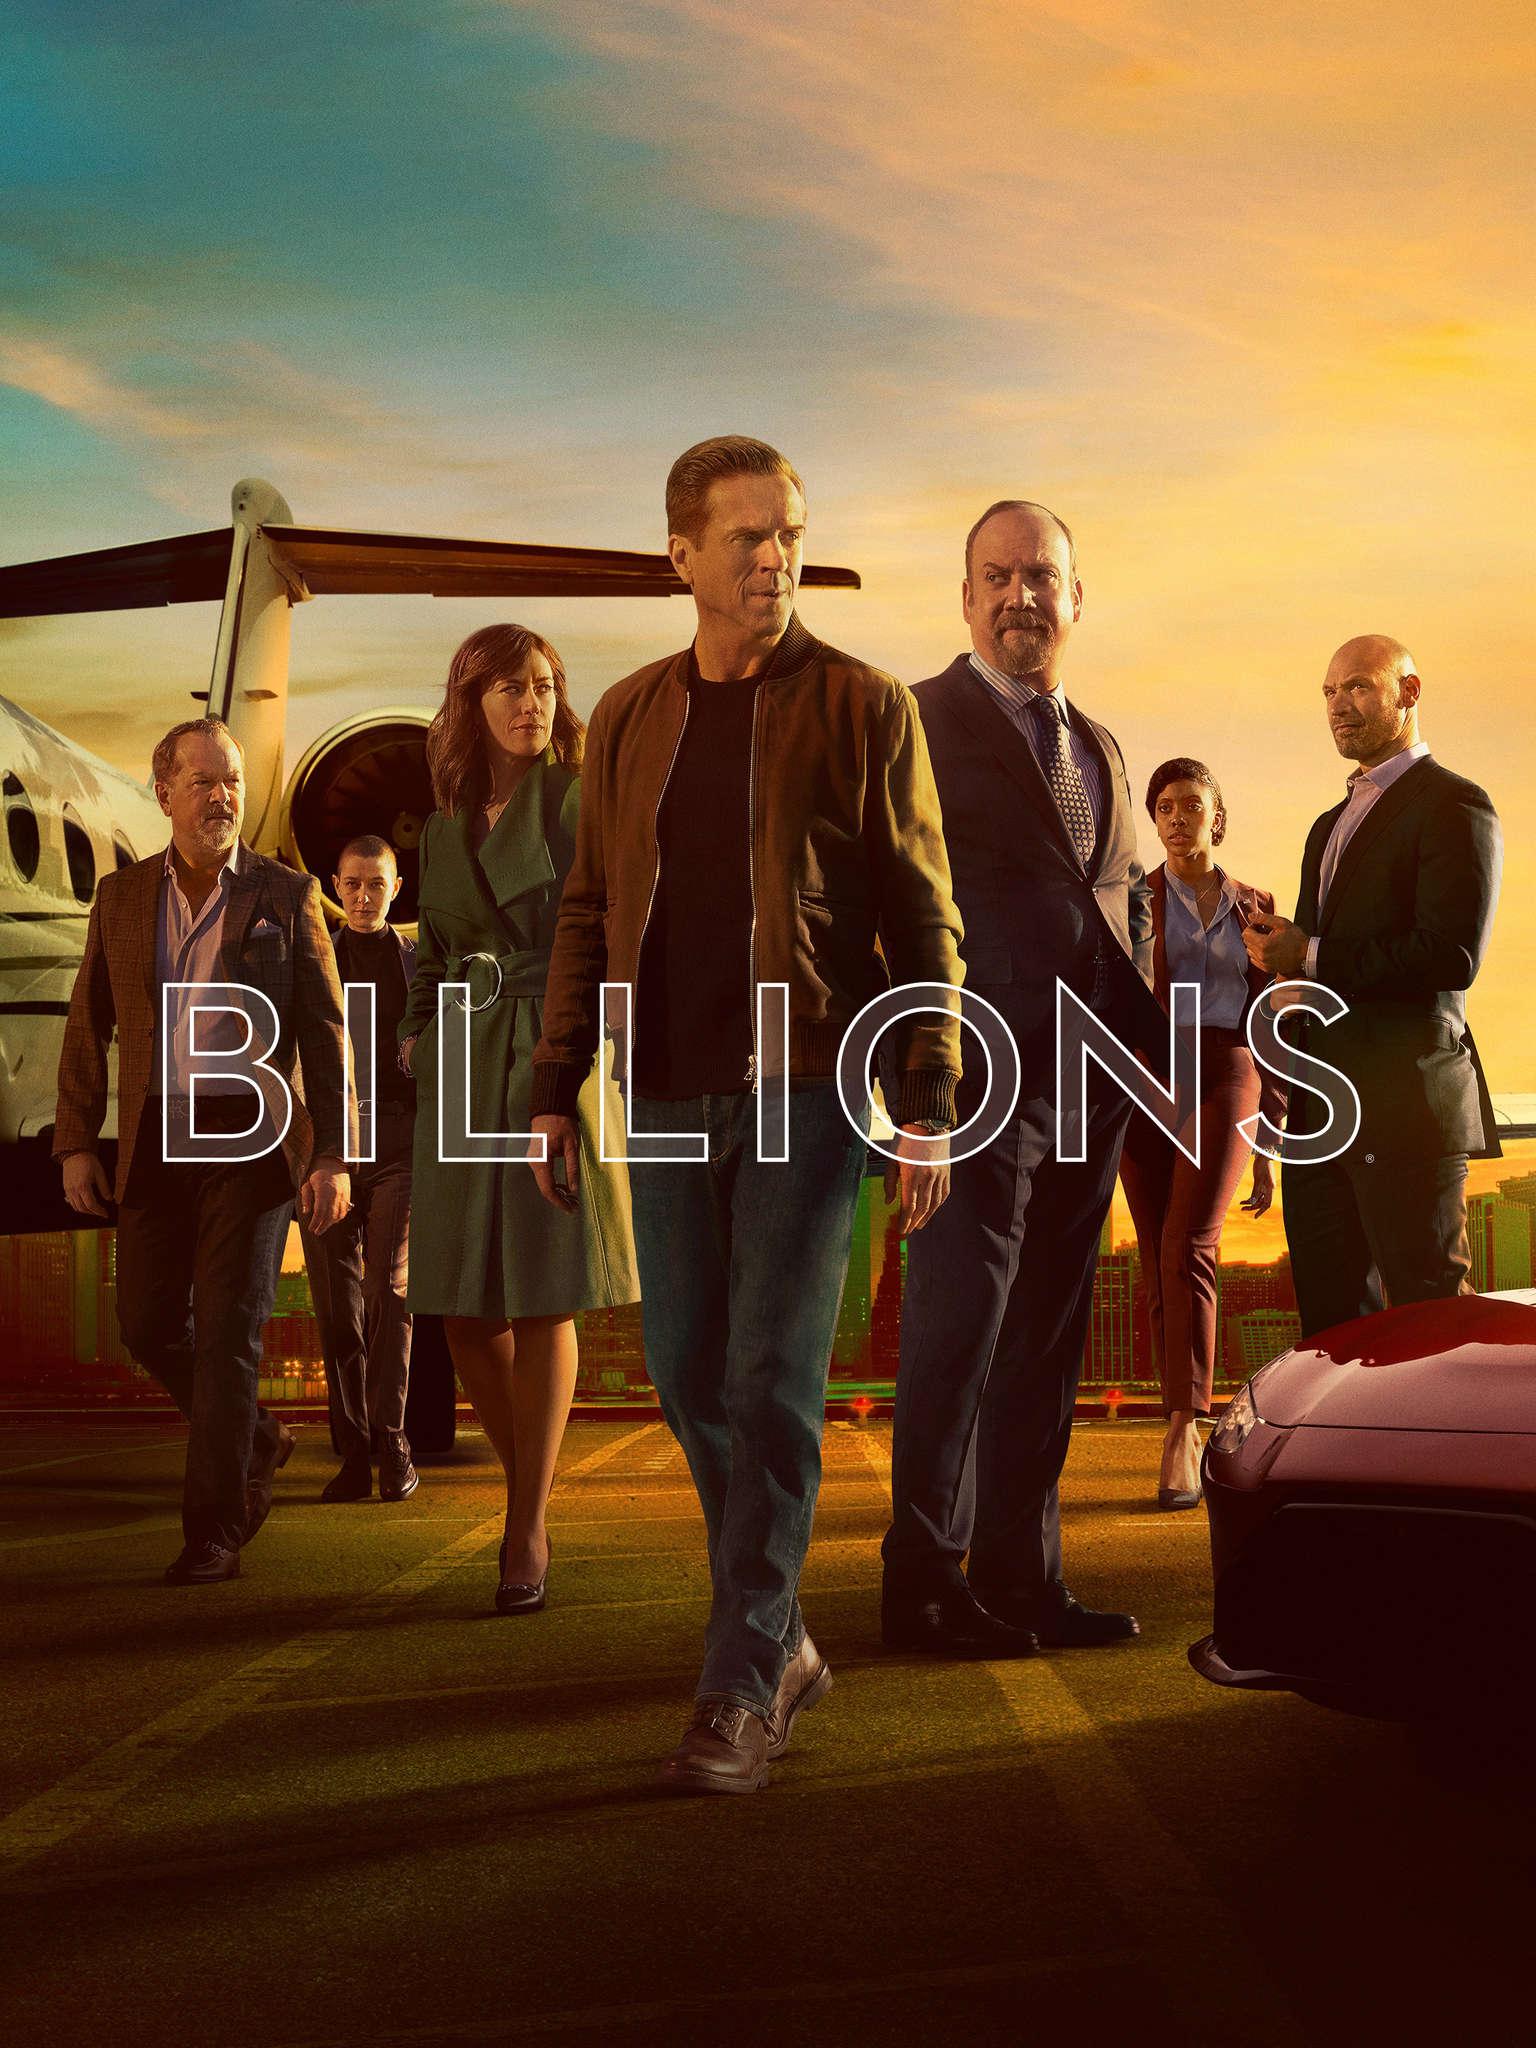 Billions Season 6 Release Date